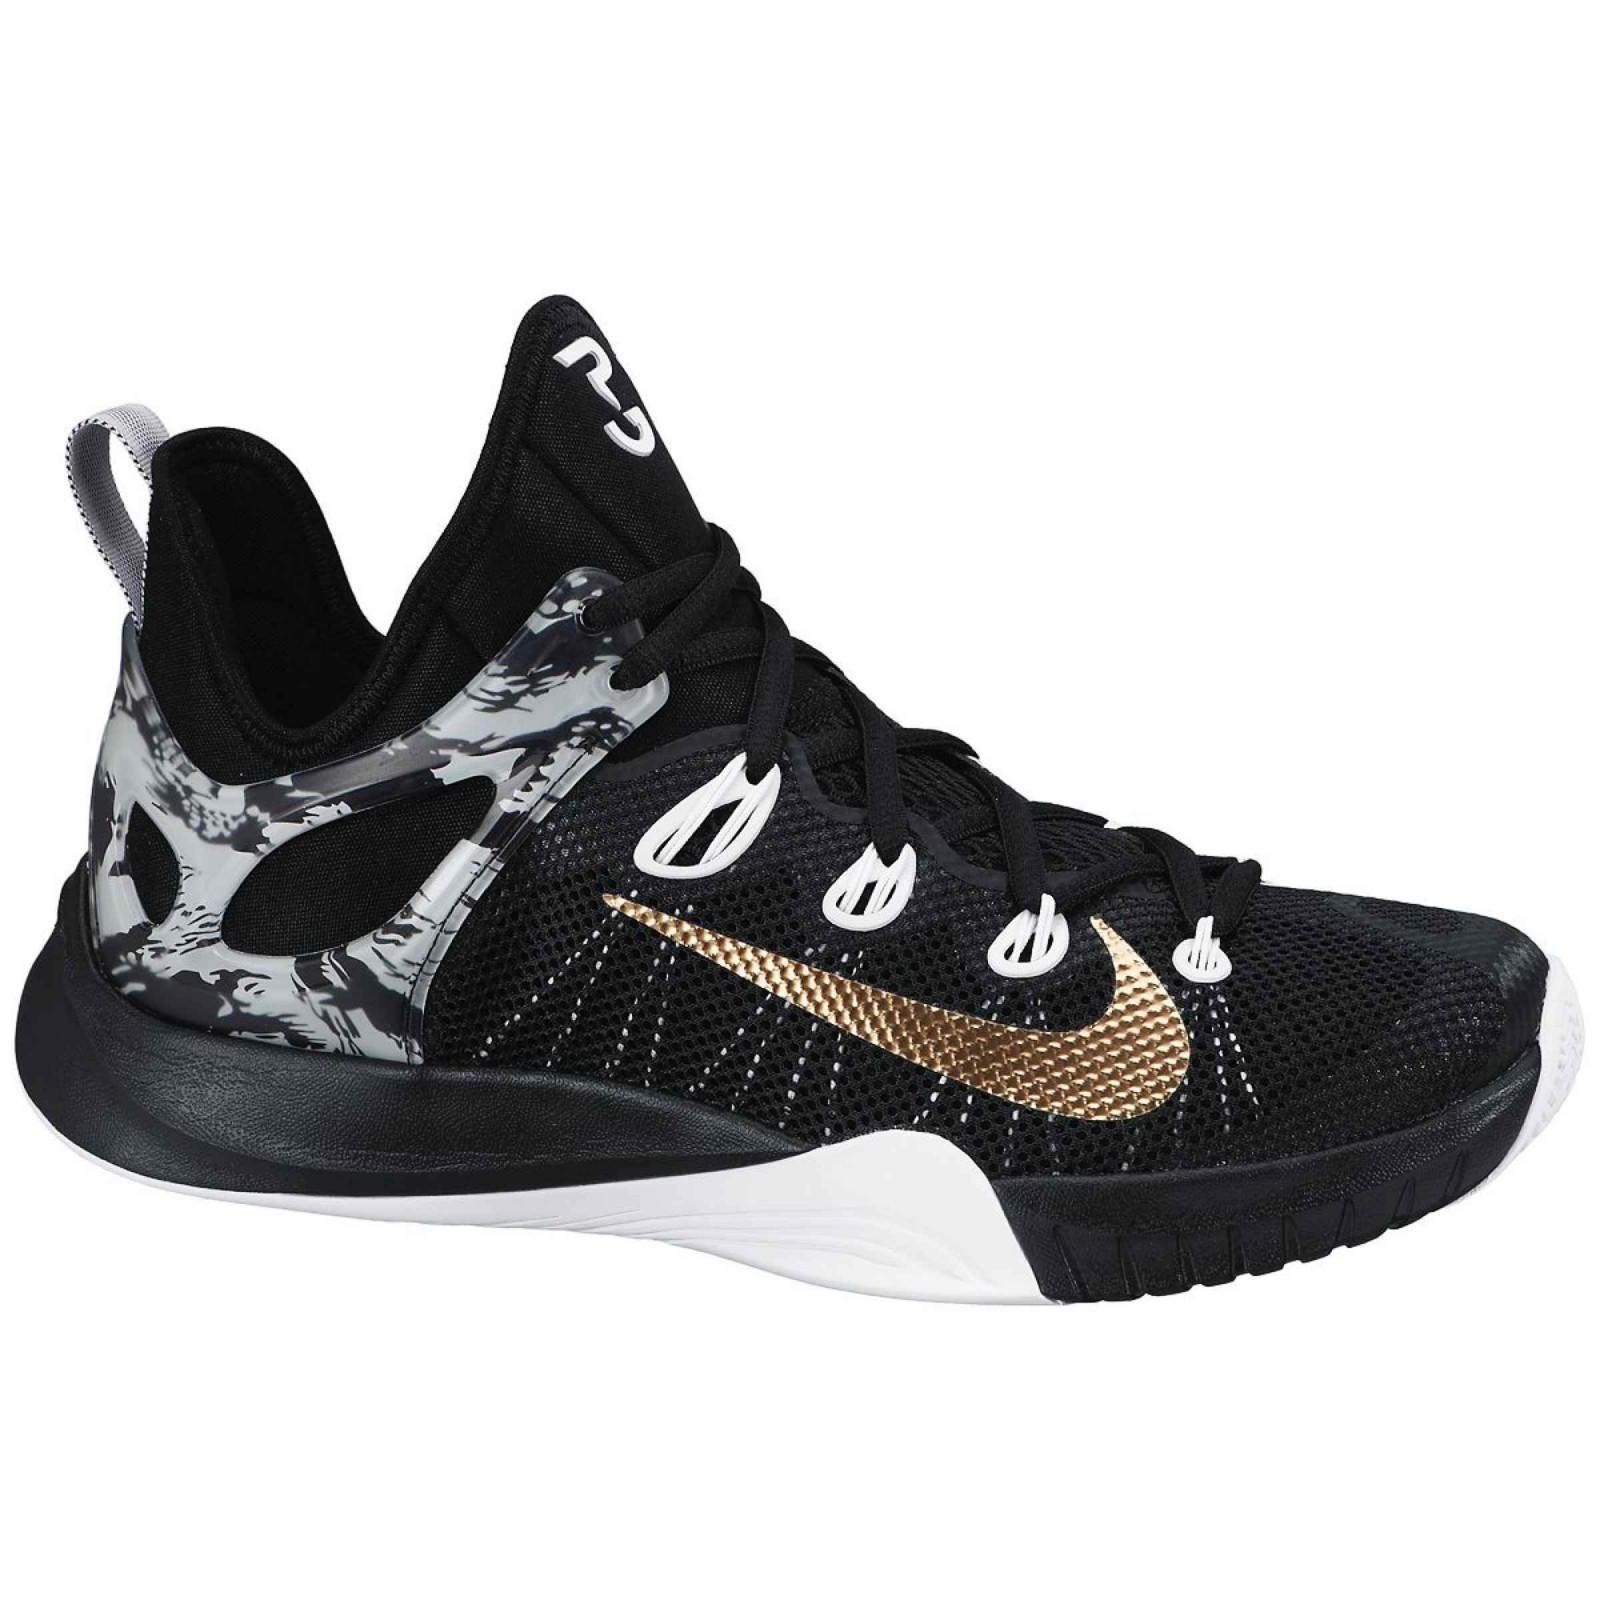 Pánské basketbalové boty Nike ZOOM HYPERREV 2015  0e4c3abde3